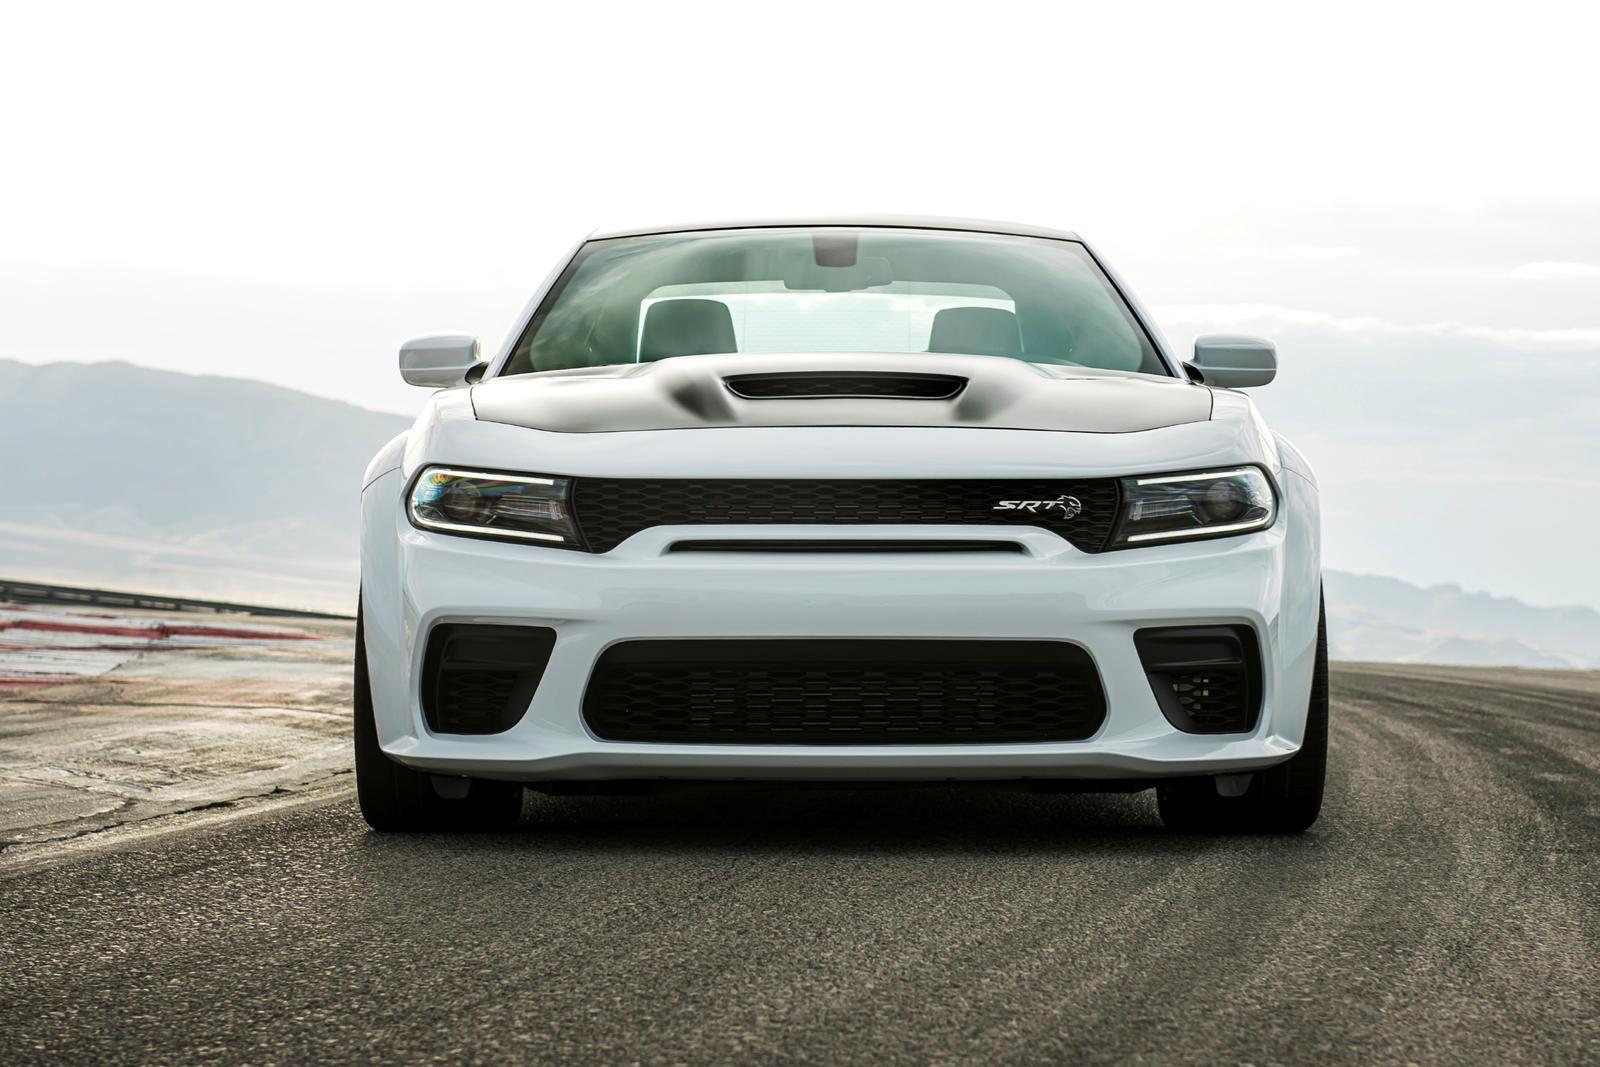 Kelebihan Chevrolet Charger Top Model Tahun Ini